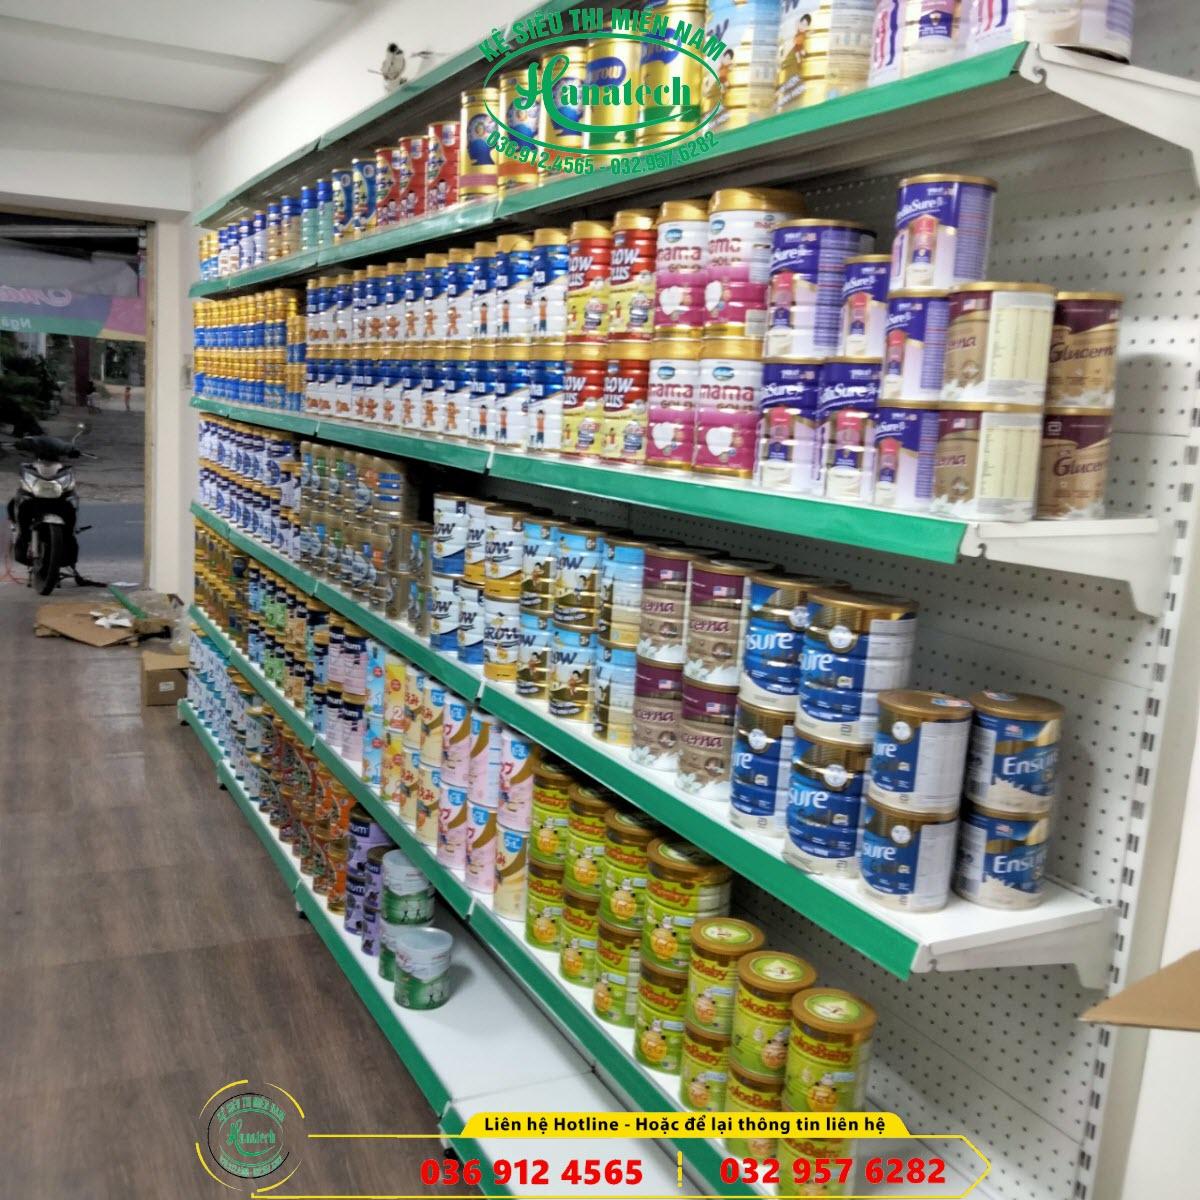 Kệ siêu thị đơn lưng đục lỗ